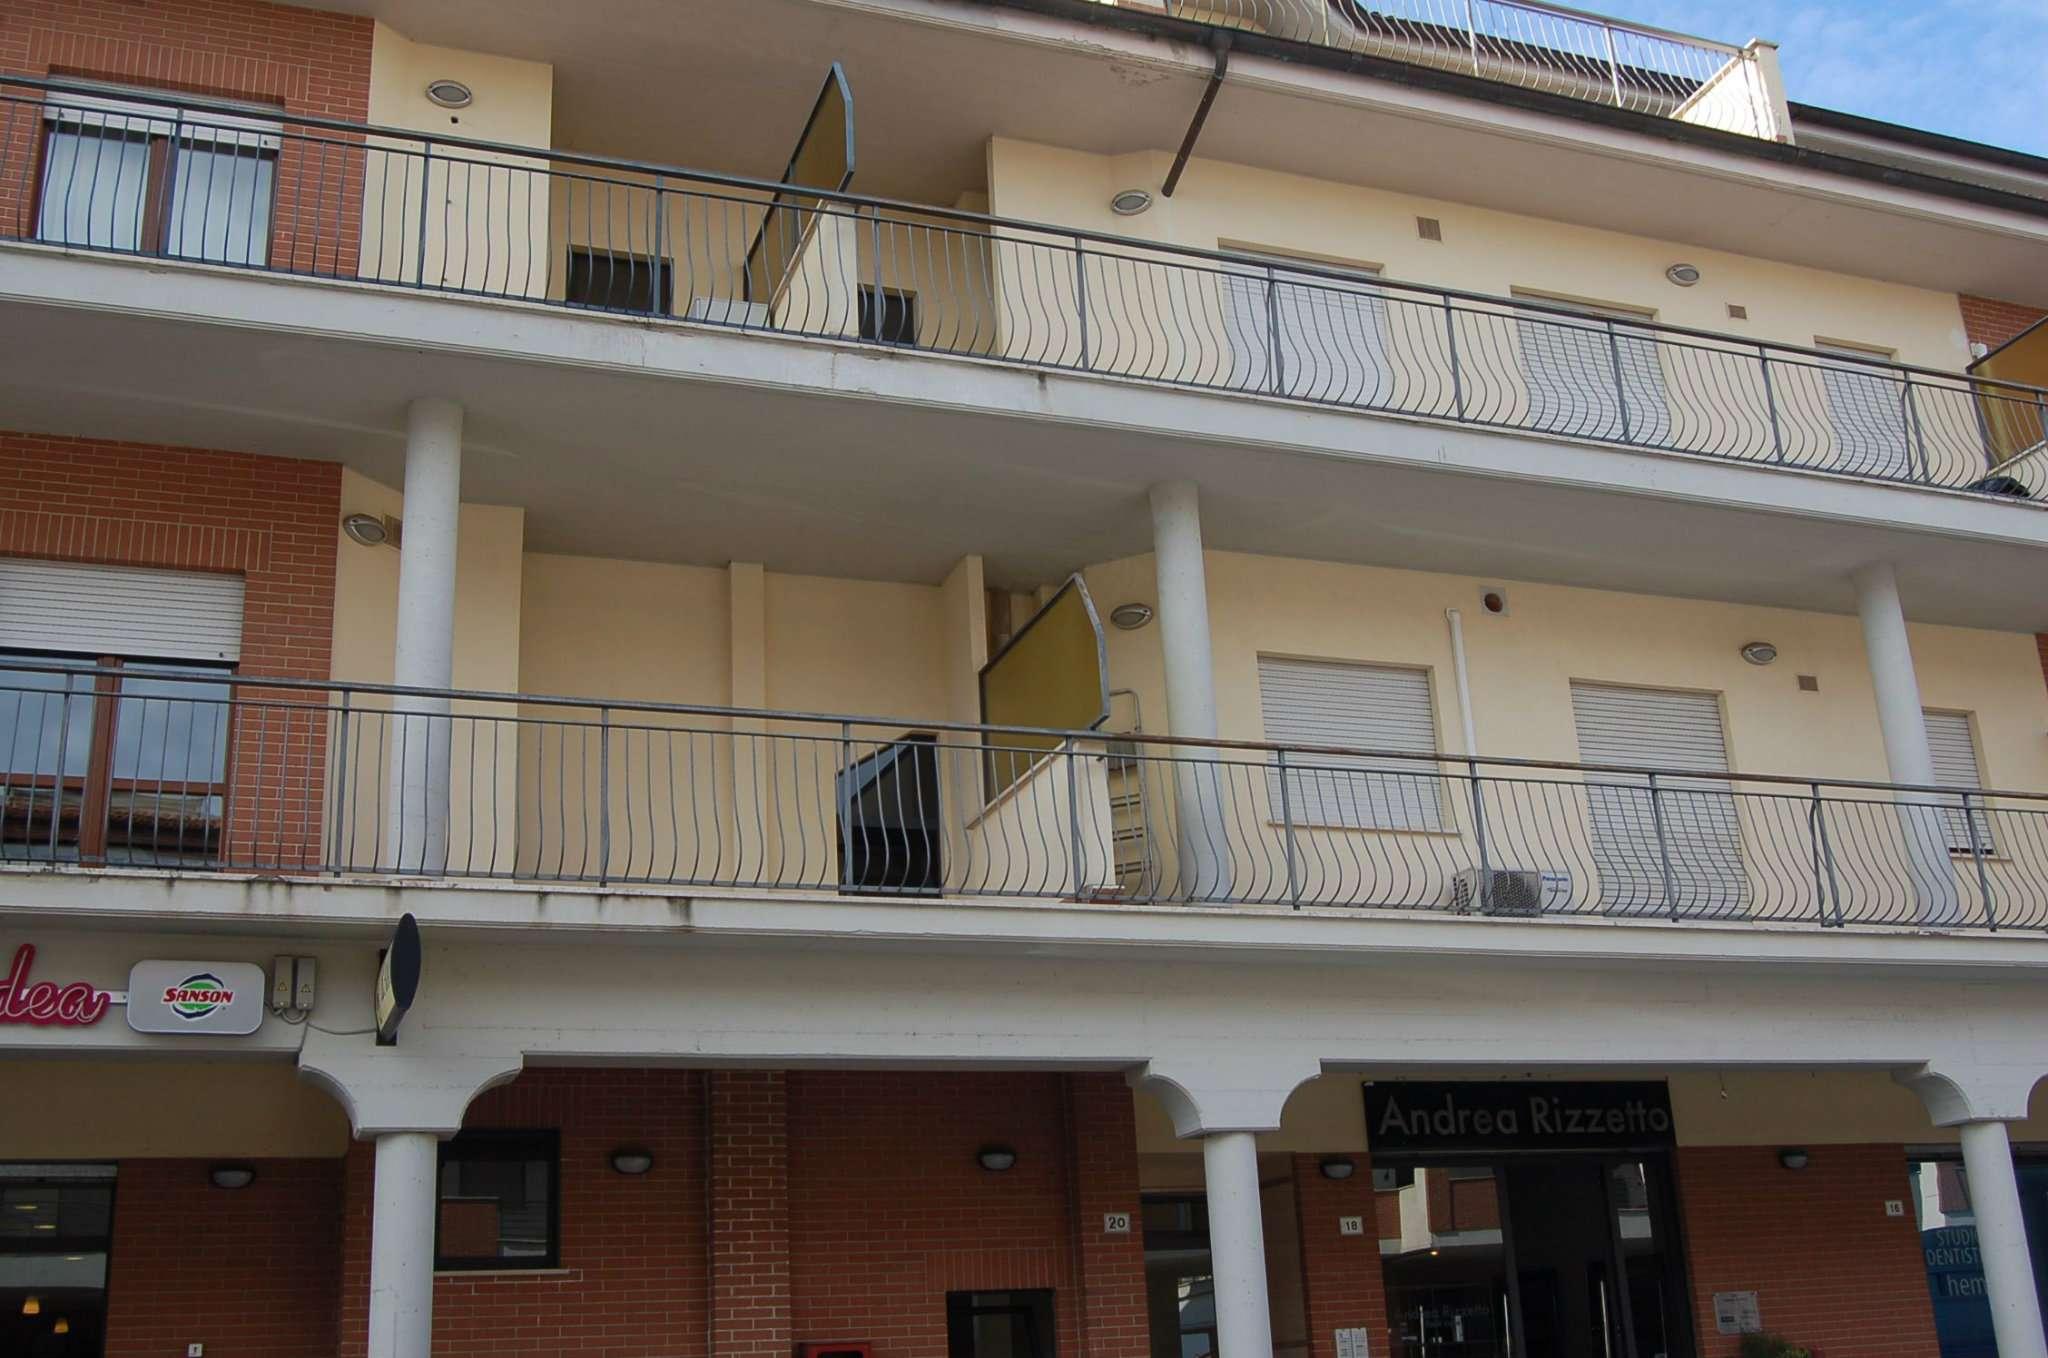 Immobili commerciali in affitto a fiano romano for Immobili commerciali in affitto a roma